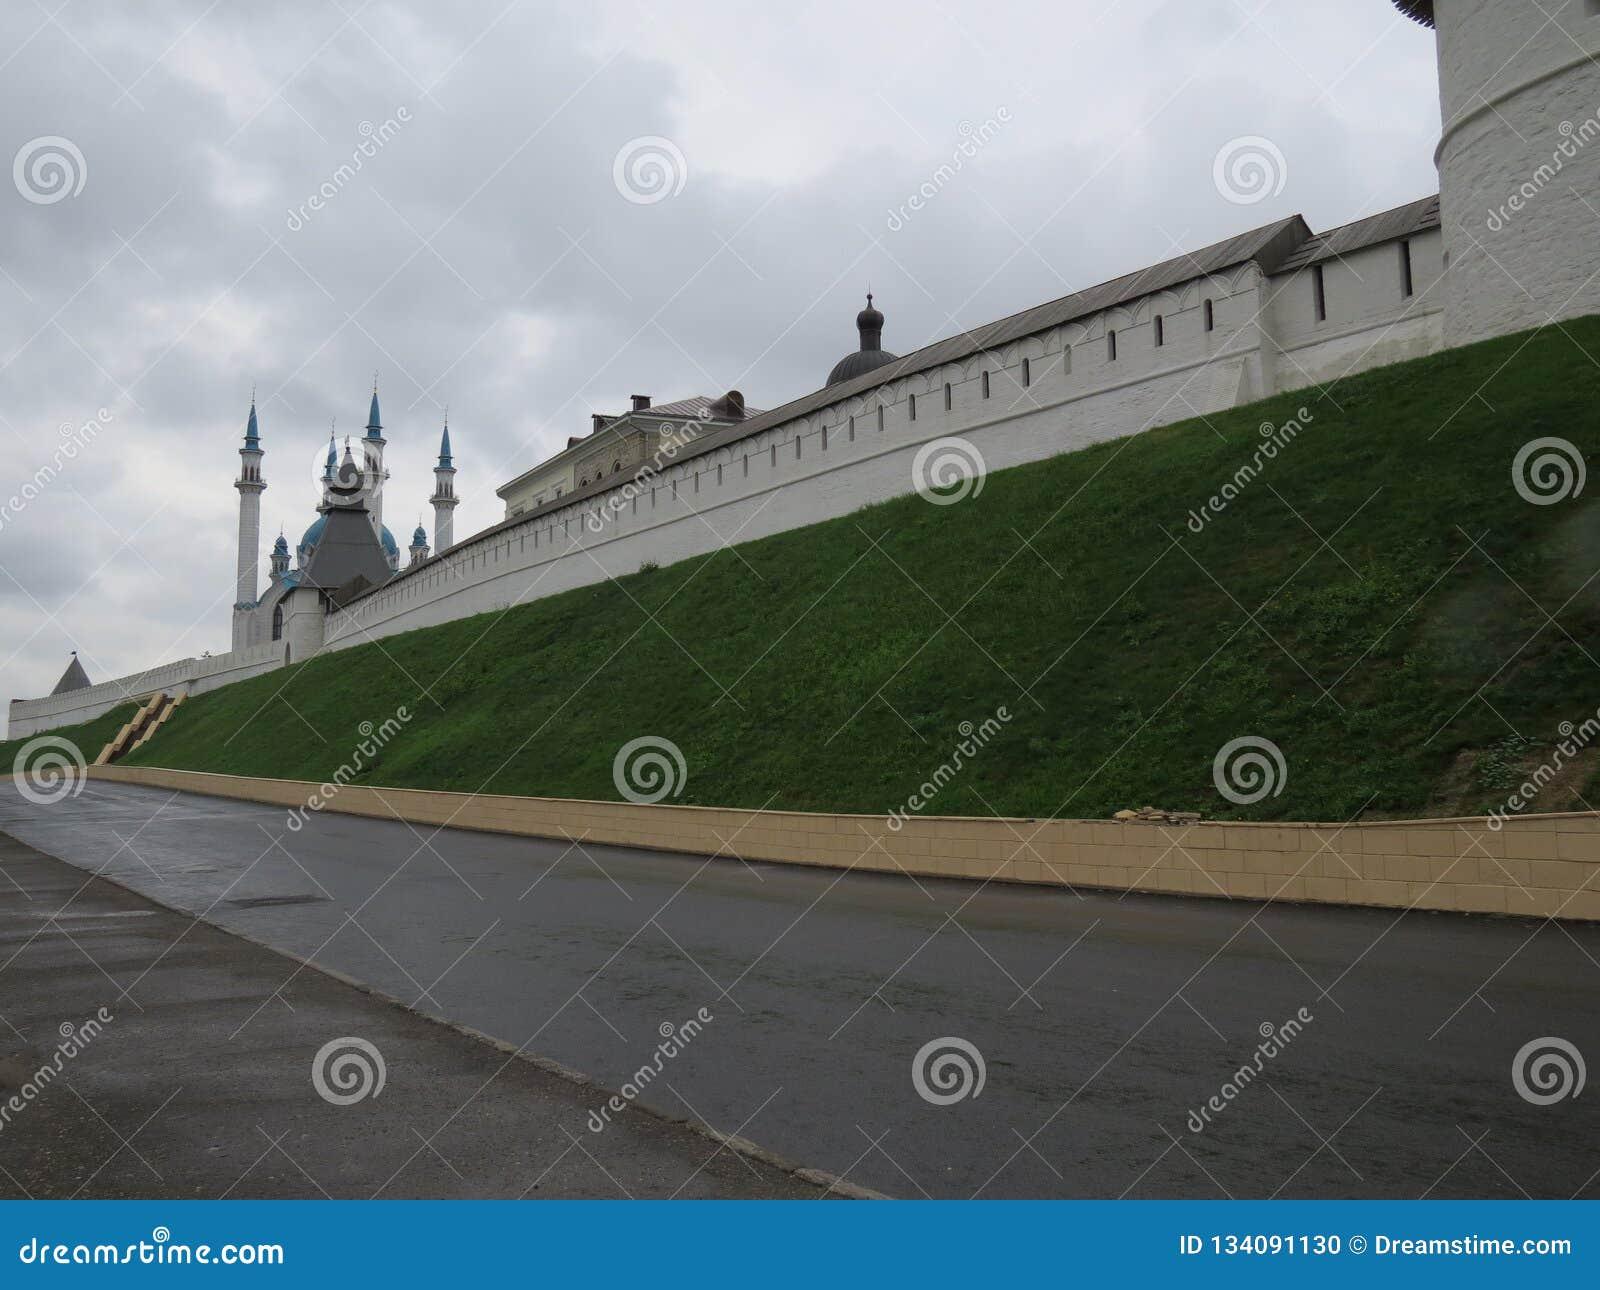 喀山克里姆林宫喀山,俄罗斯的看法